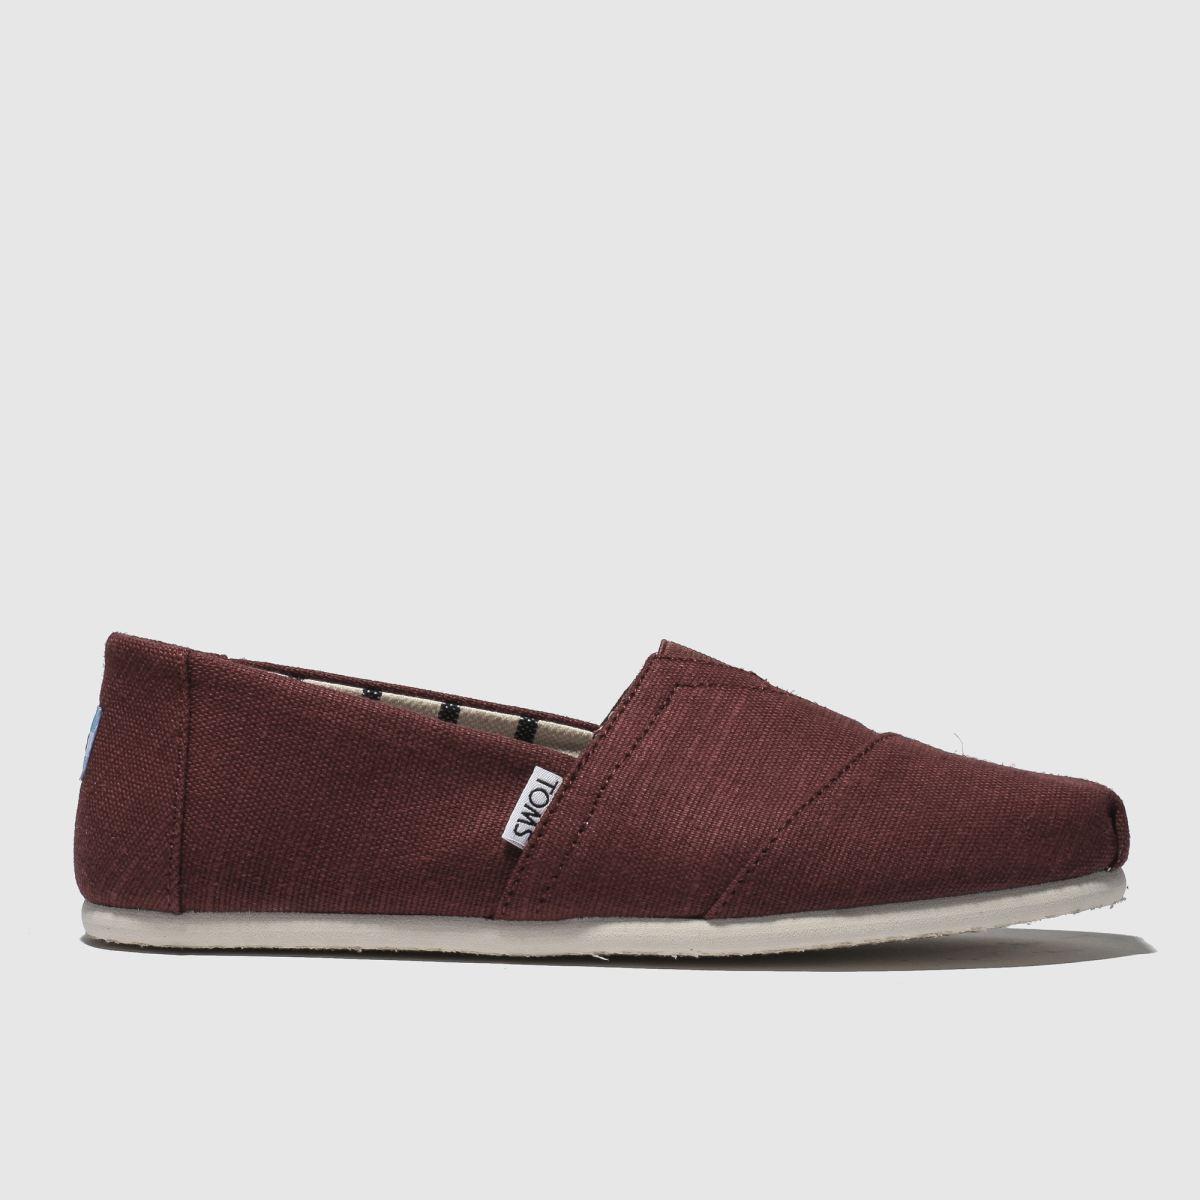 Toms Burgundy Alpargata Venice Shoes